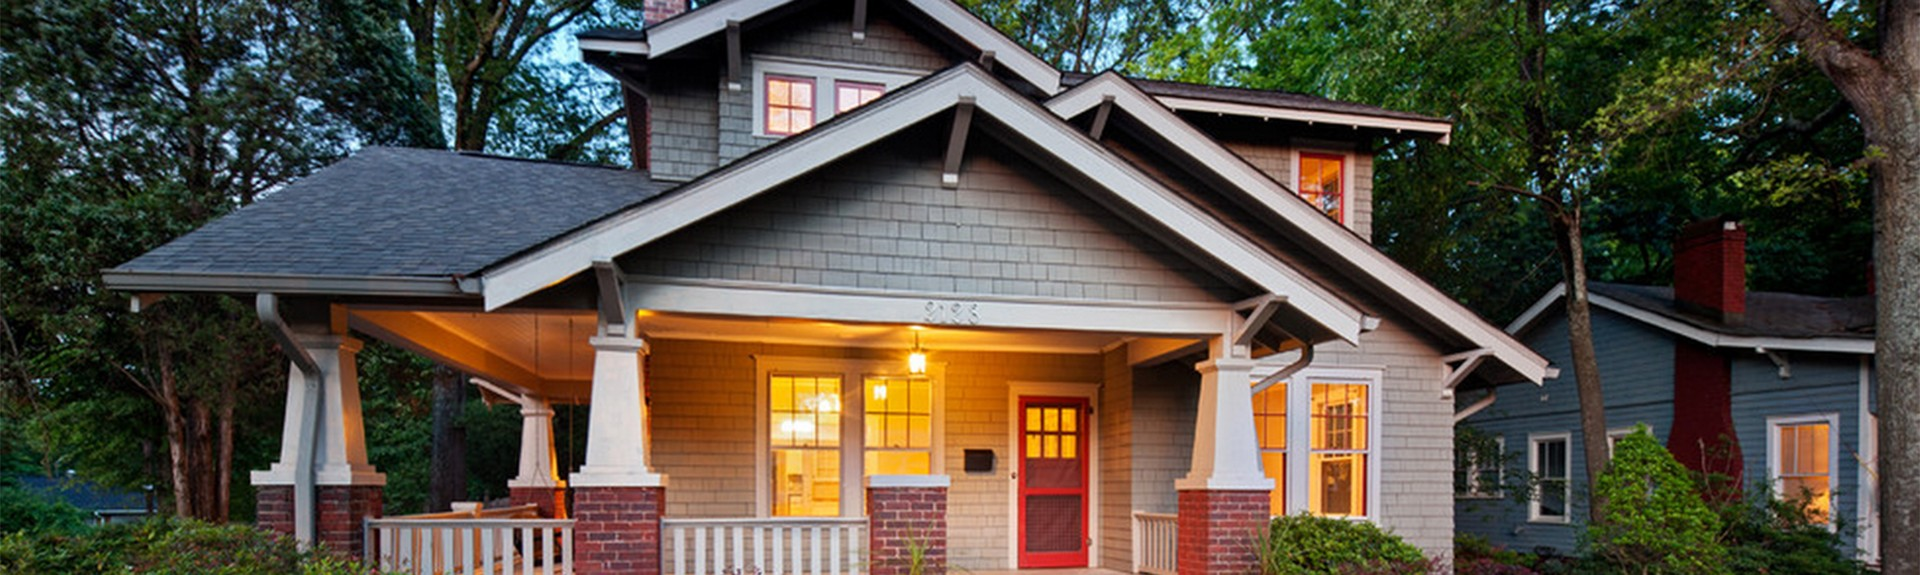 Exterior Home 11